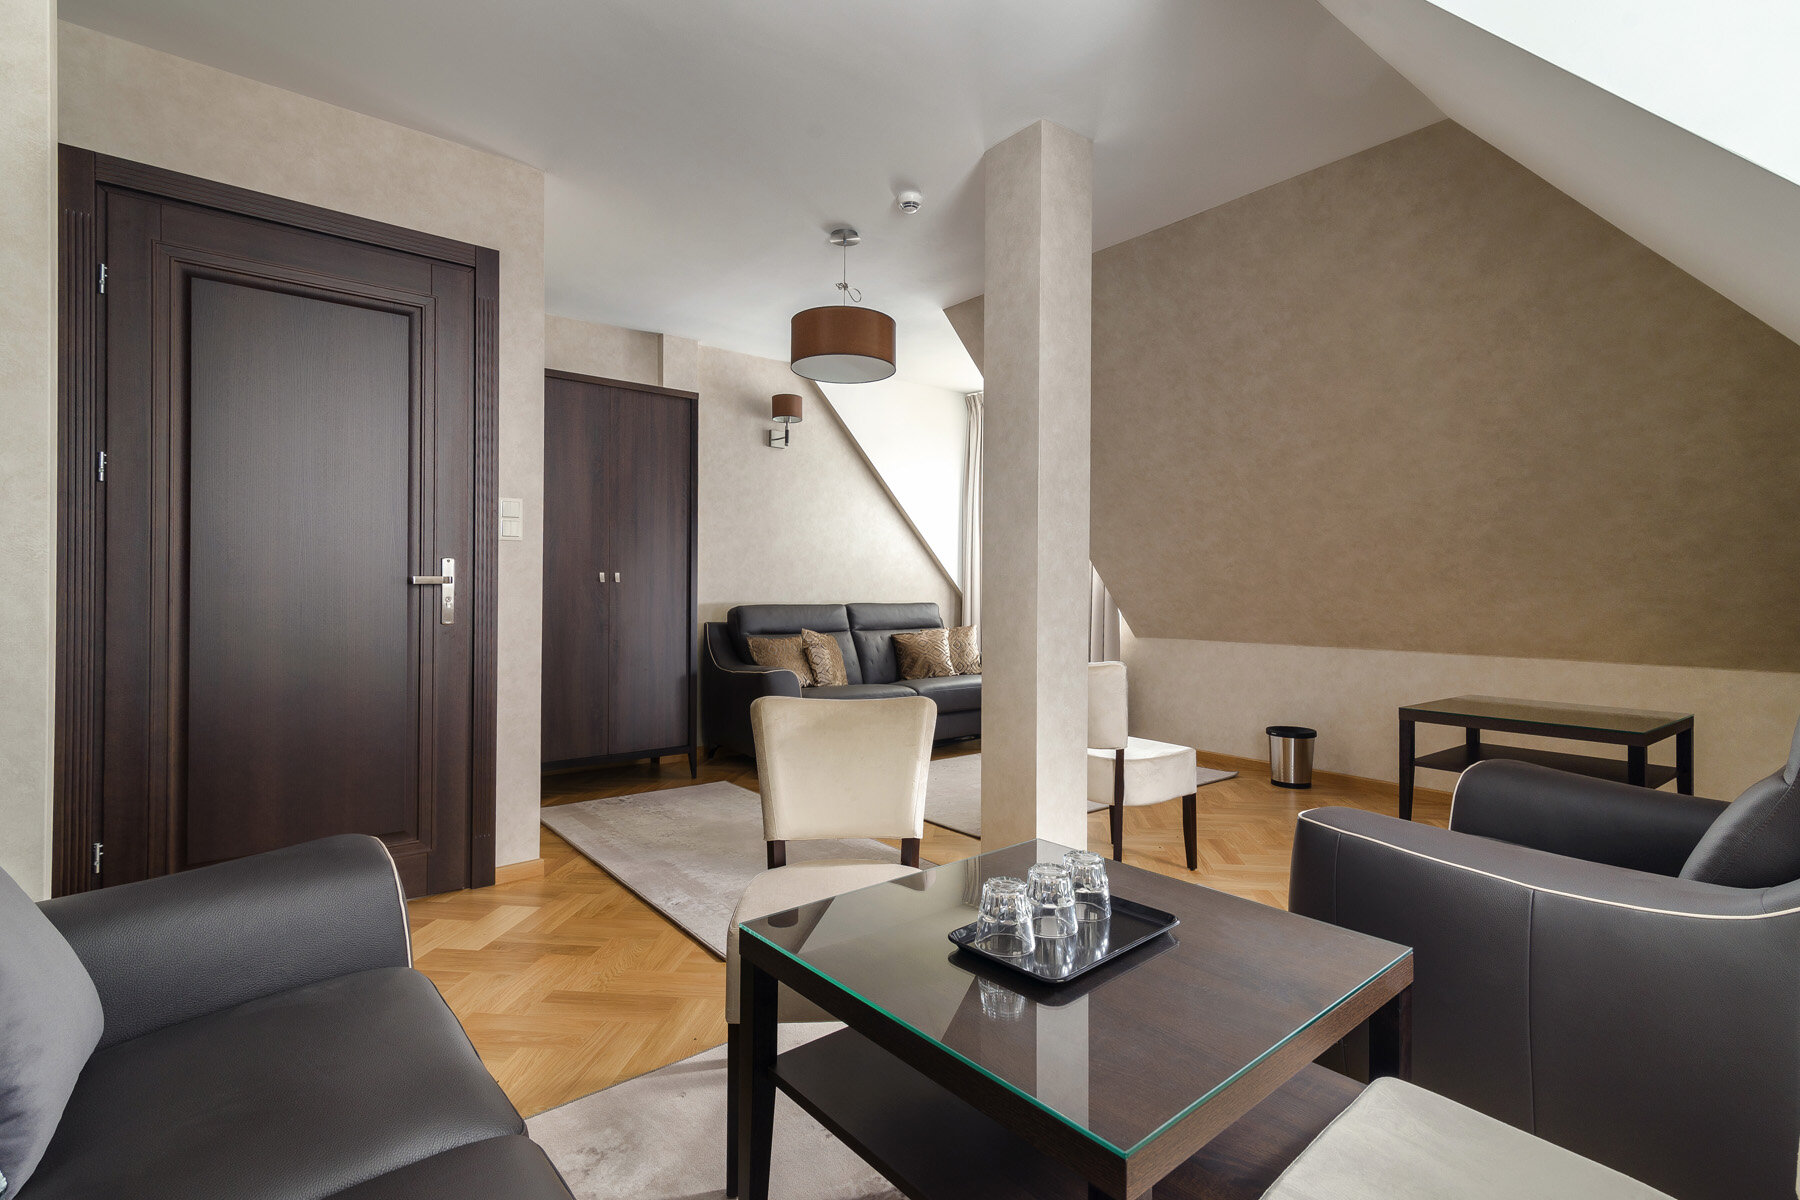 Hotel Jurzynek (18).jpg